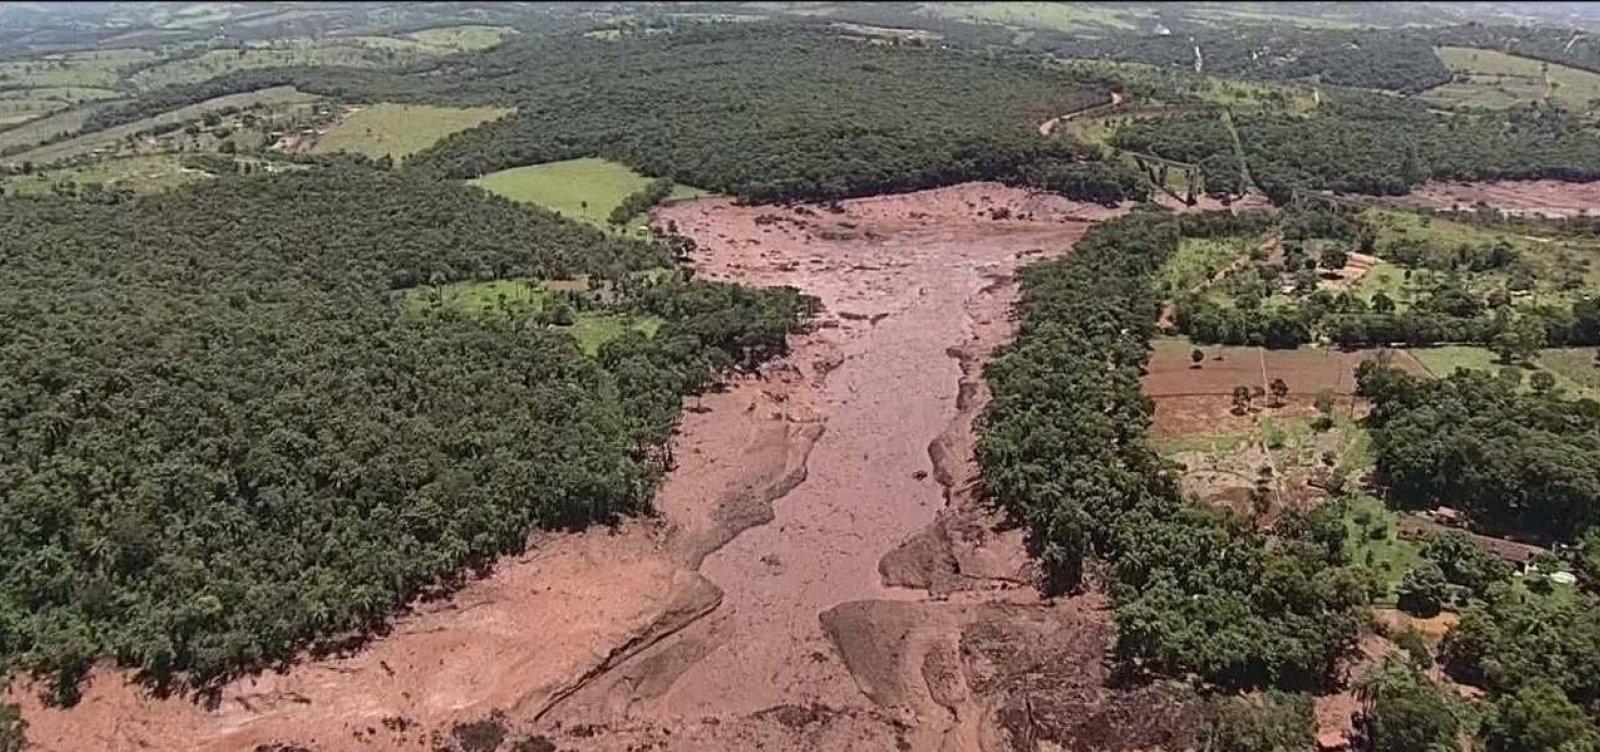 [Brumadinho: documentos indicam que Vale sabia do risco de rompimento da barragem desde 2017]